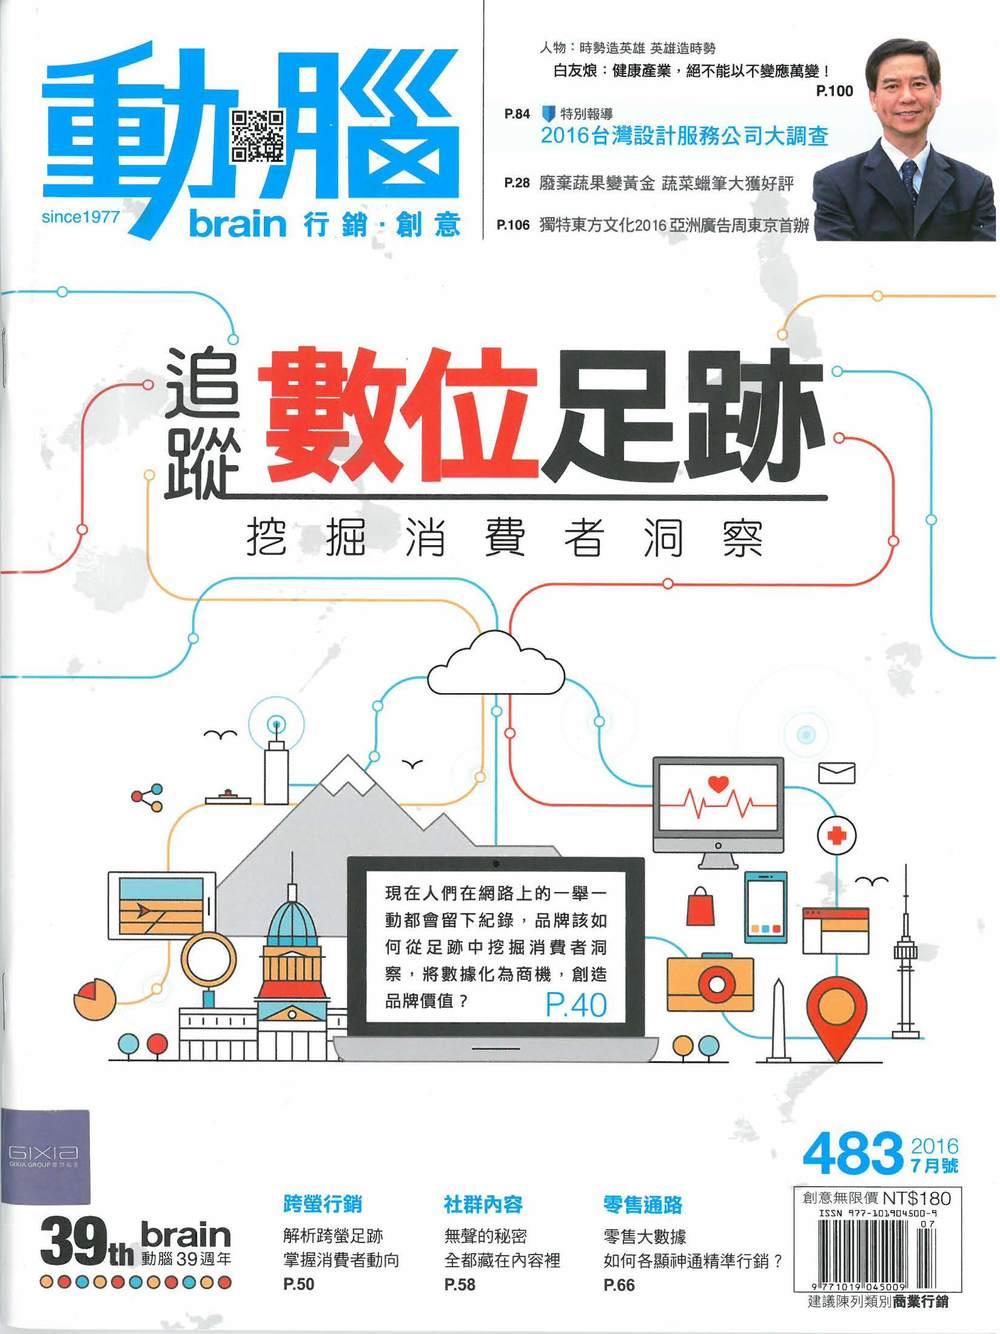 2016年07月_動腦_頁面_2.jpg